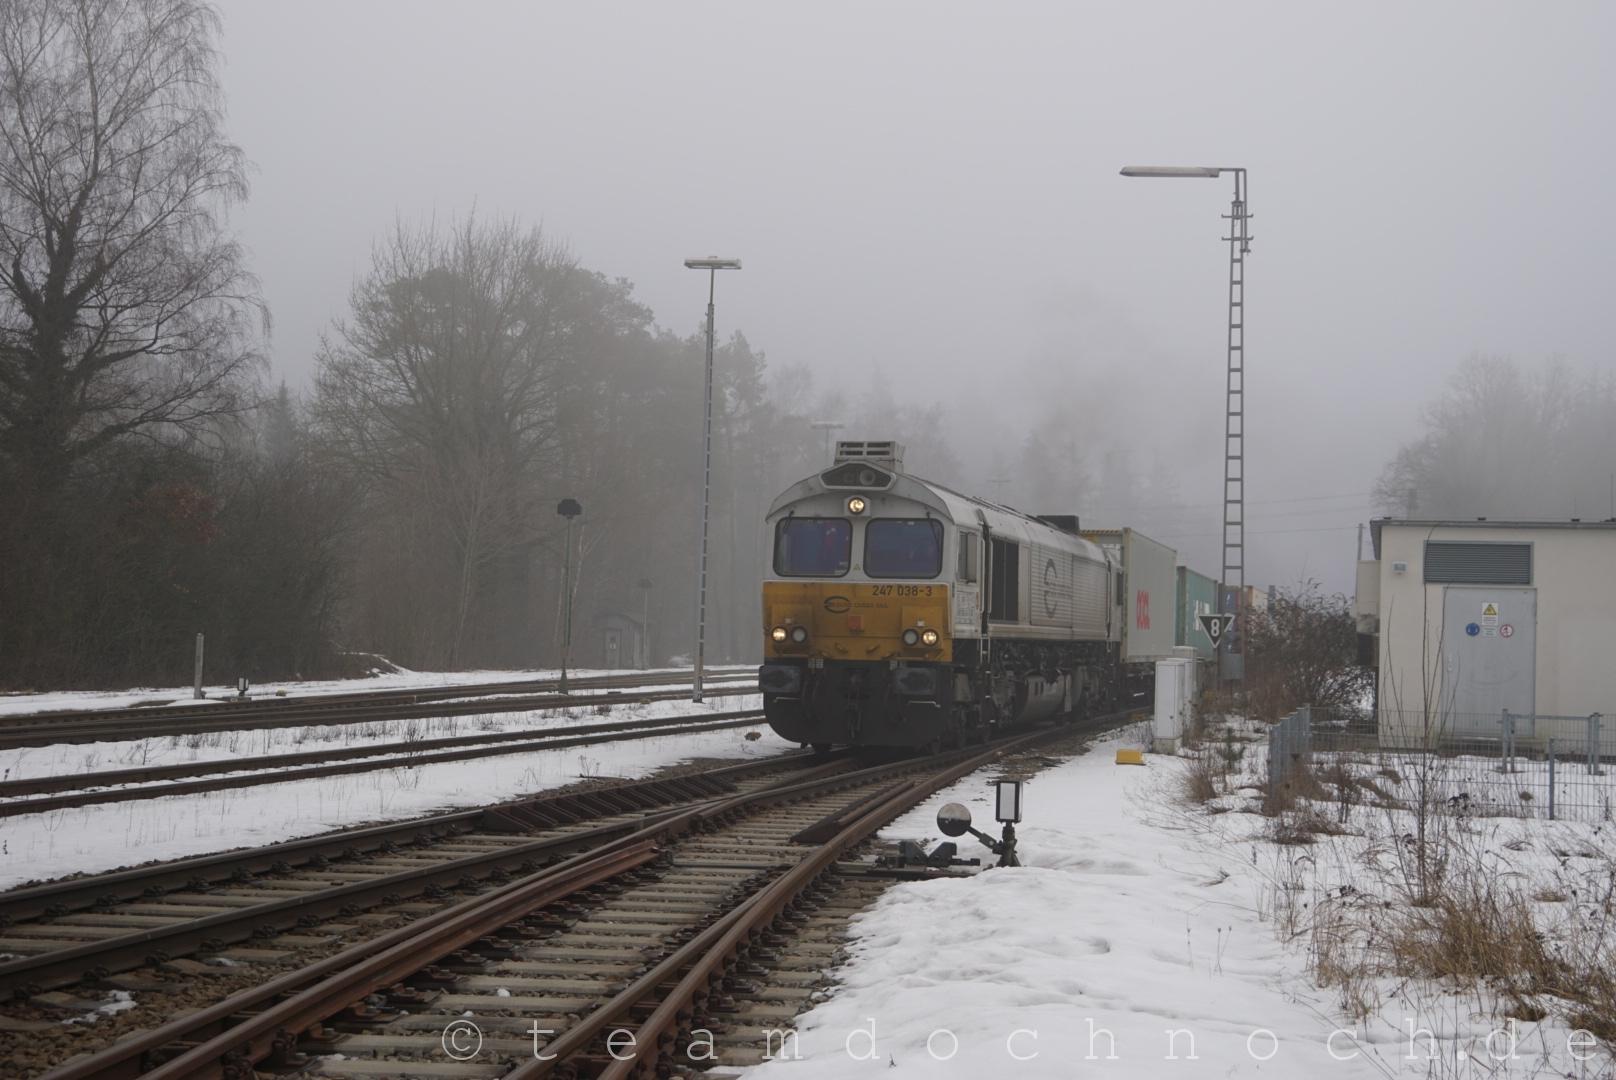 247 038-3 durcheilt mit einem sehr gemischten Containerzug den Bahnhof Kastl